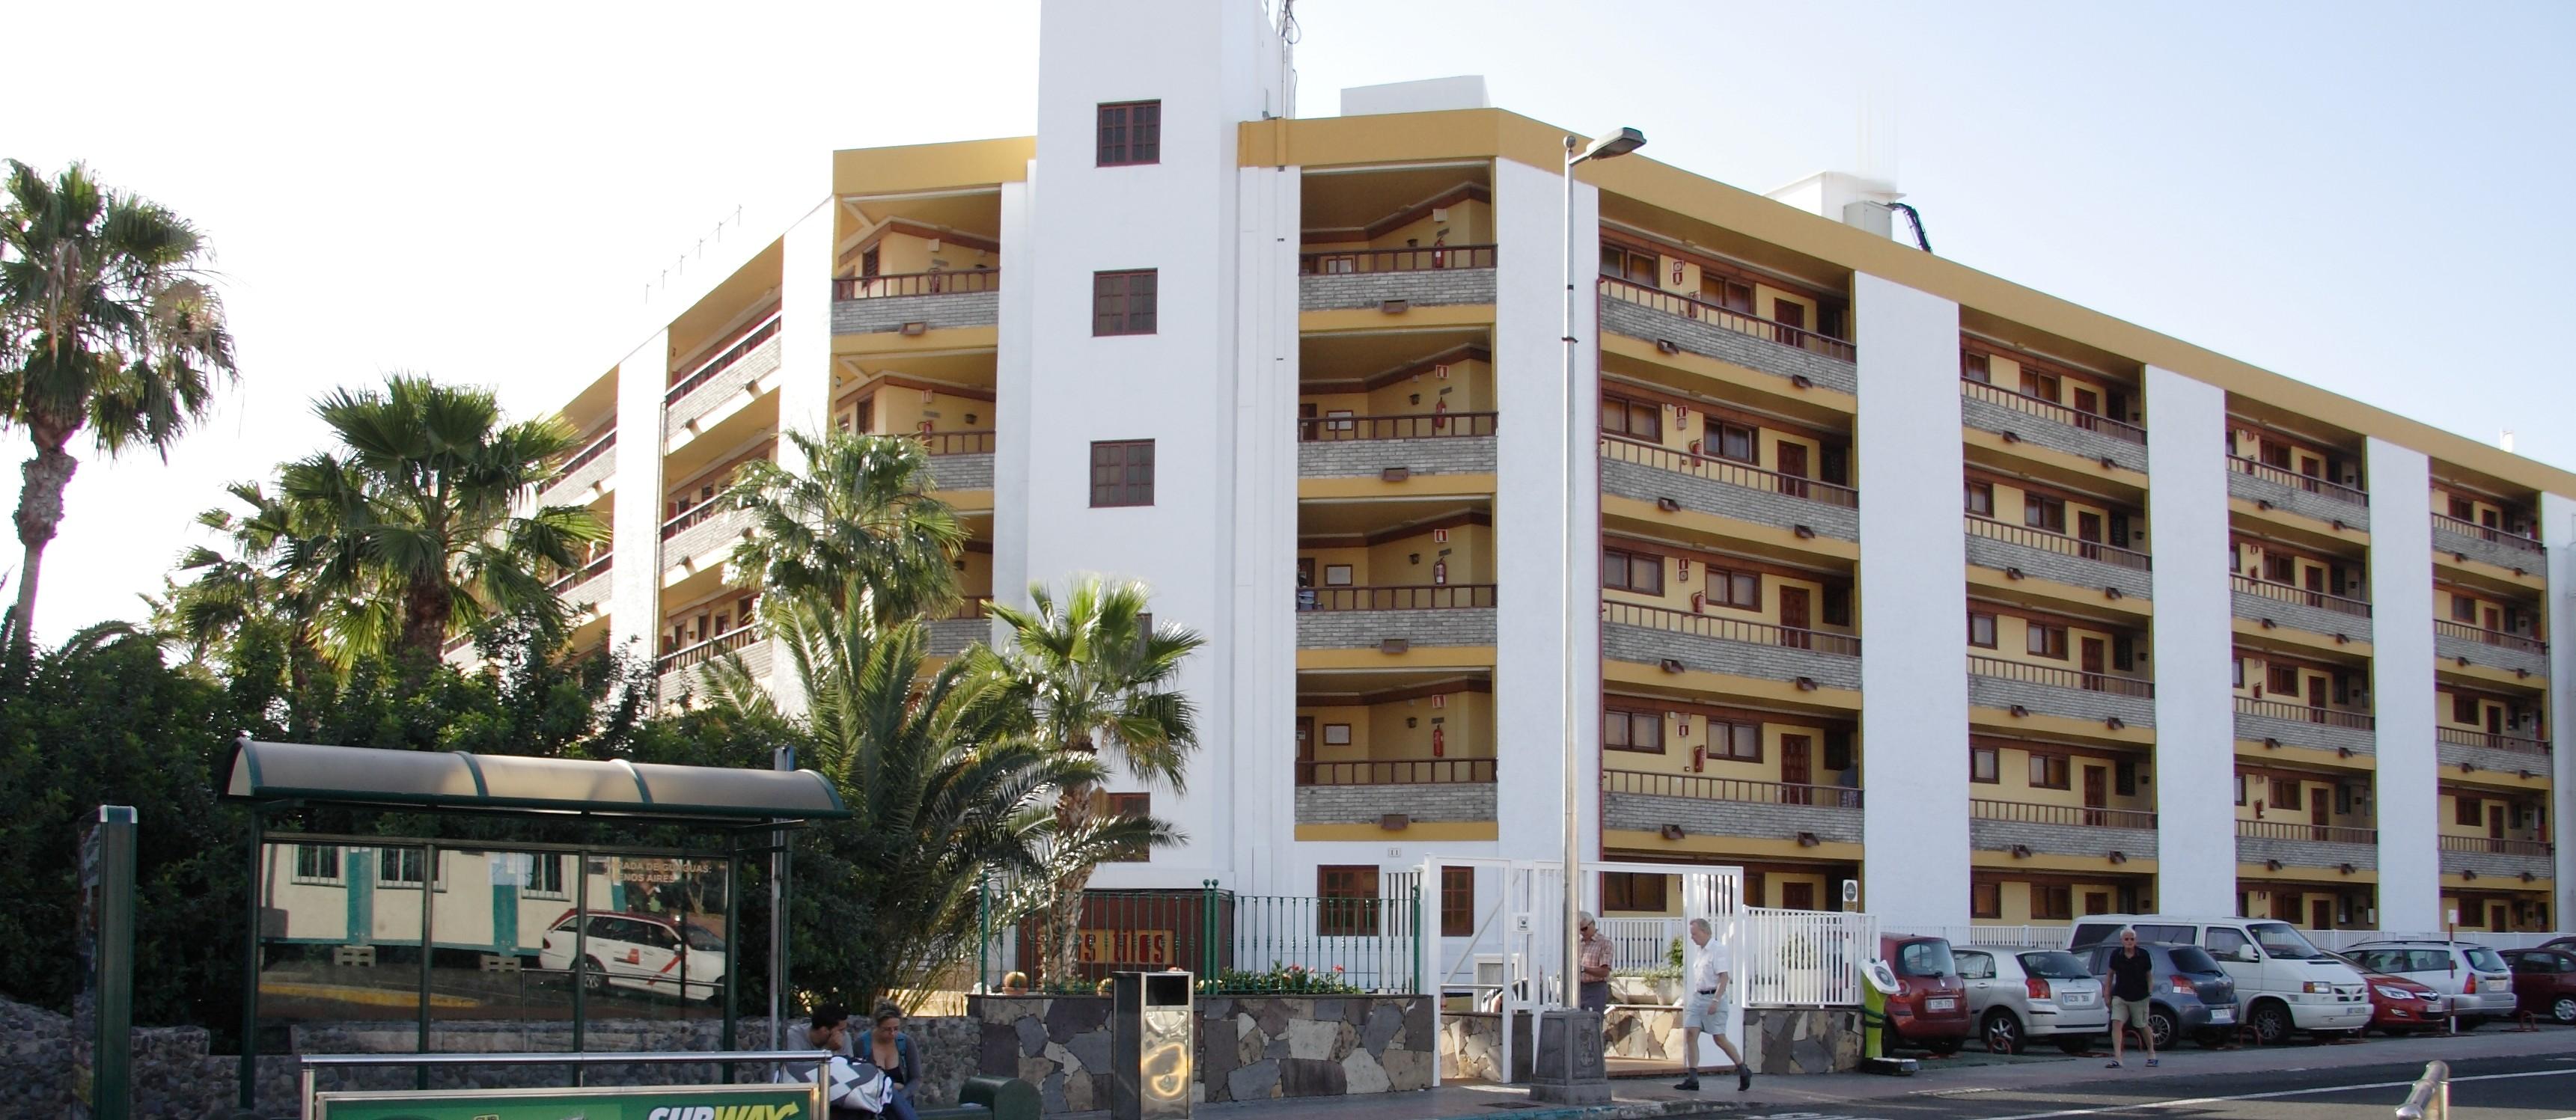 002_Apartamentos_Los_Tilos_-_Marzo_2011.JPG